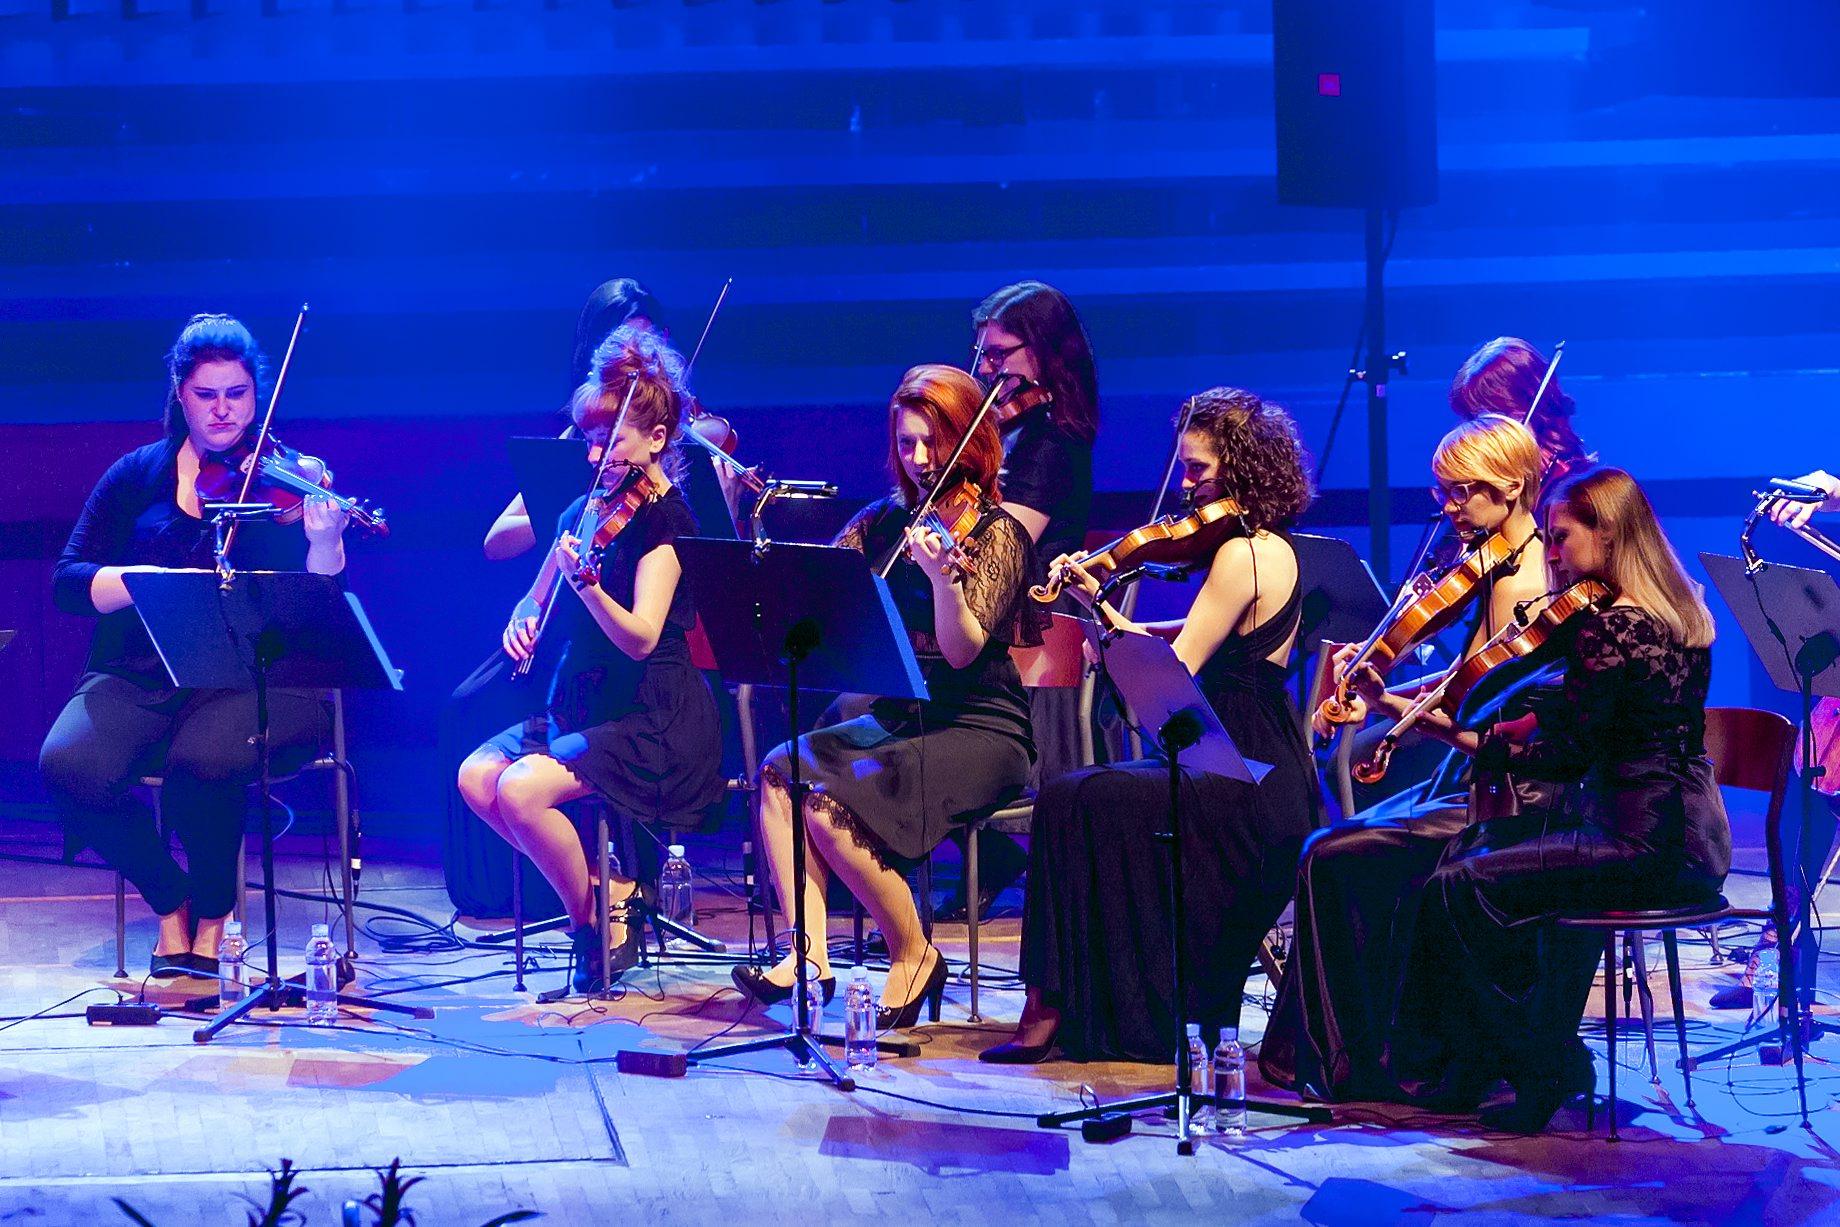 Zagreb, 140419. Koncertna dvorana Vatroslav Lisinski. Koncert Amire Medunjanin. Na fotografiji: violinistice. Foto: Tomislav Kristo / CROPIX